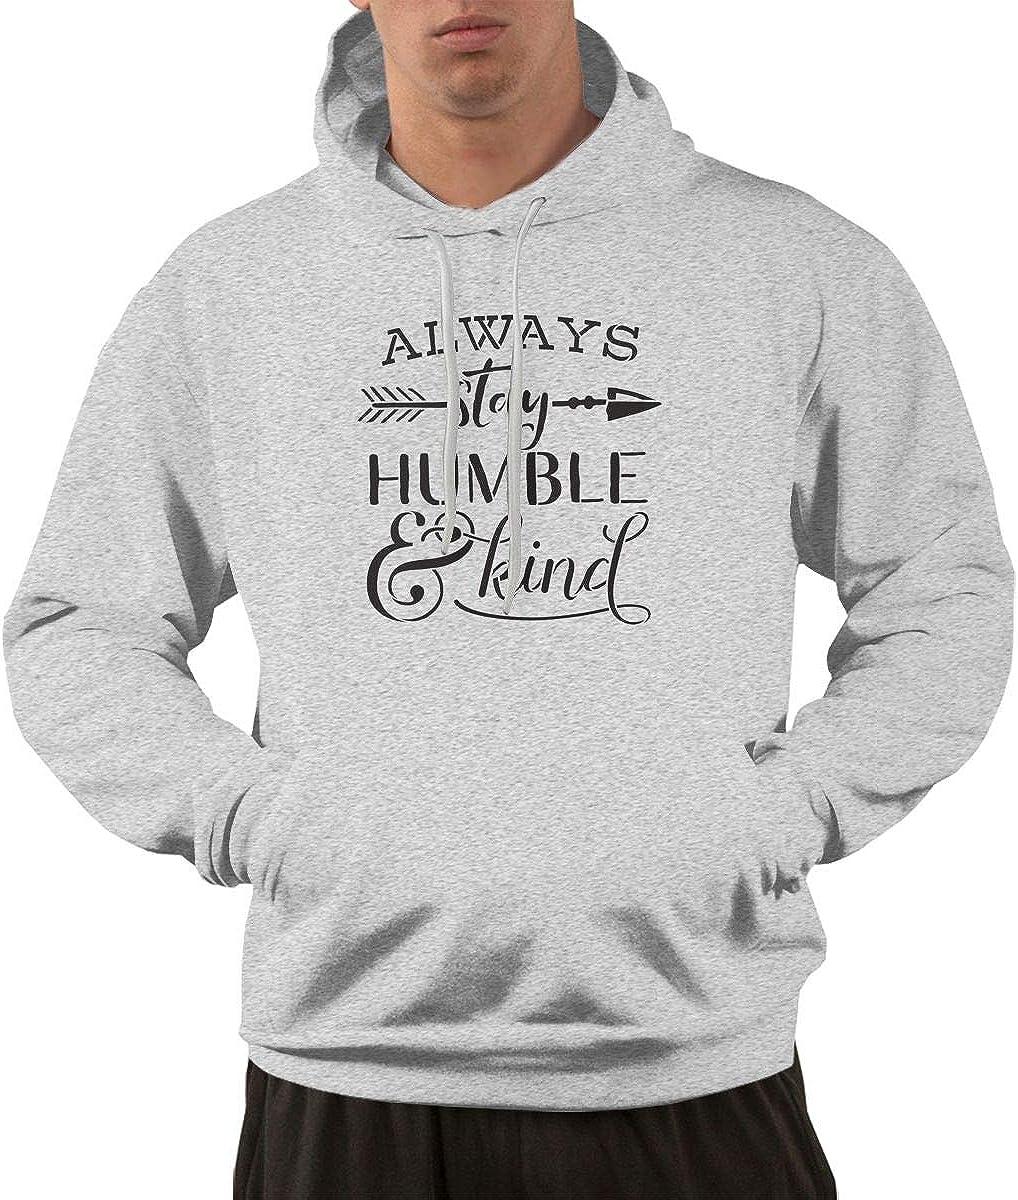 Always Stay Humble and Kind Pullover Hoodie Sweatshirt Mens Slim Fit Athletic Sweatshirt